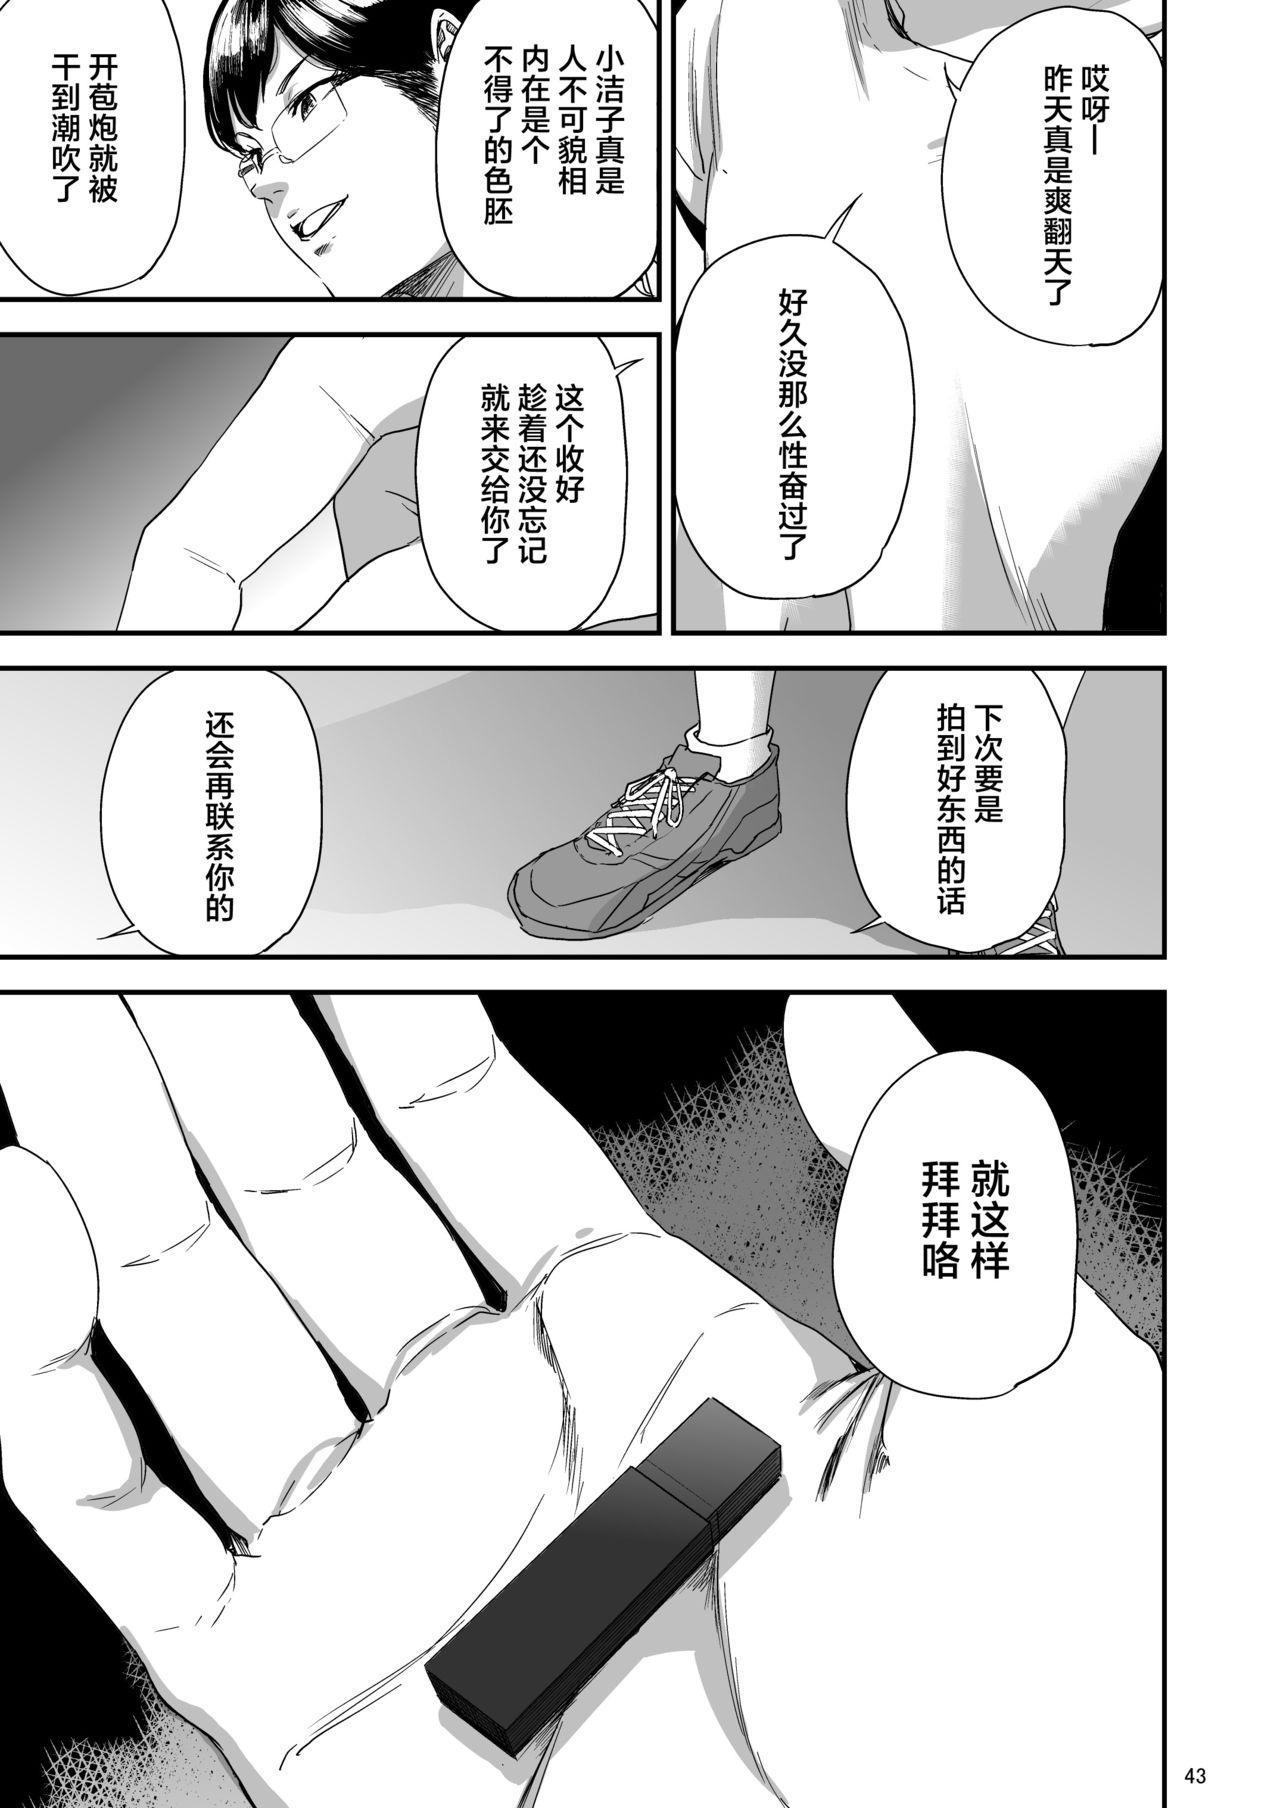 Saeko Nee-san ga Daigaku no Doukyuusei ni Itazura Sare Moteasobareru Hon 3 42